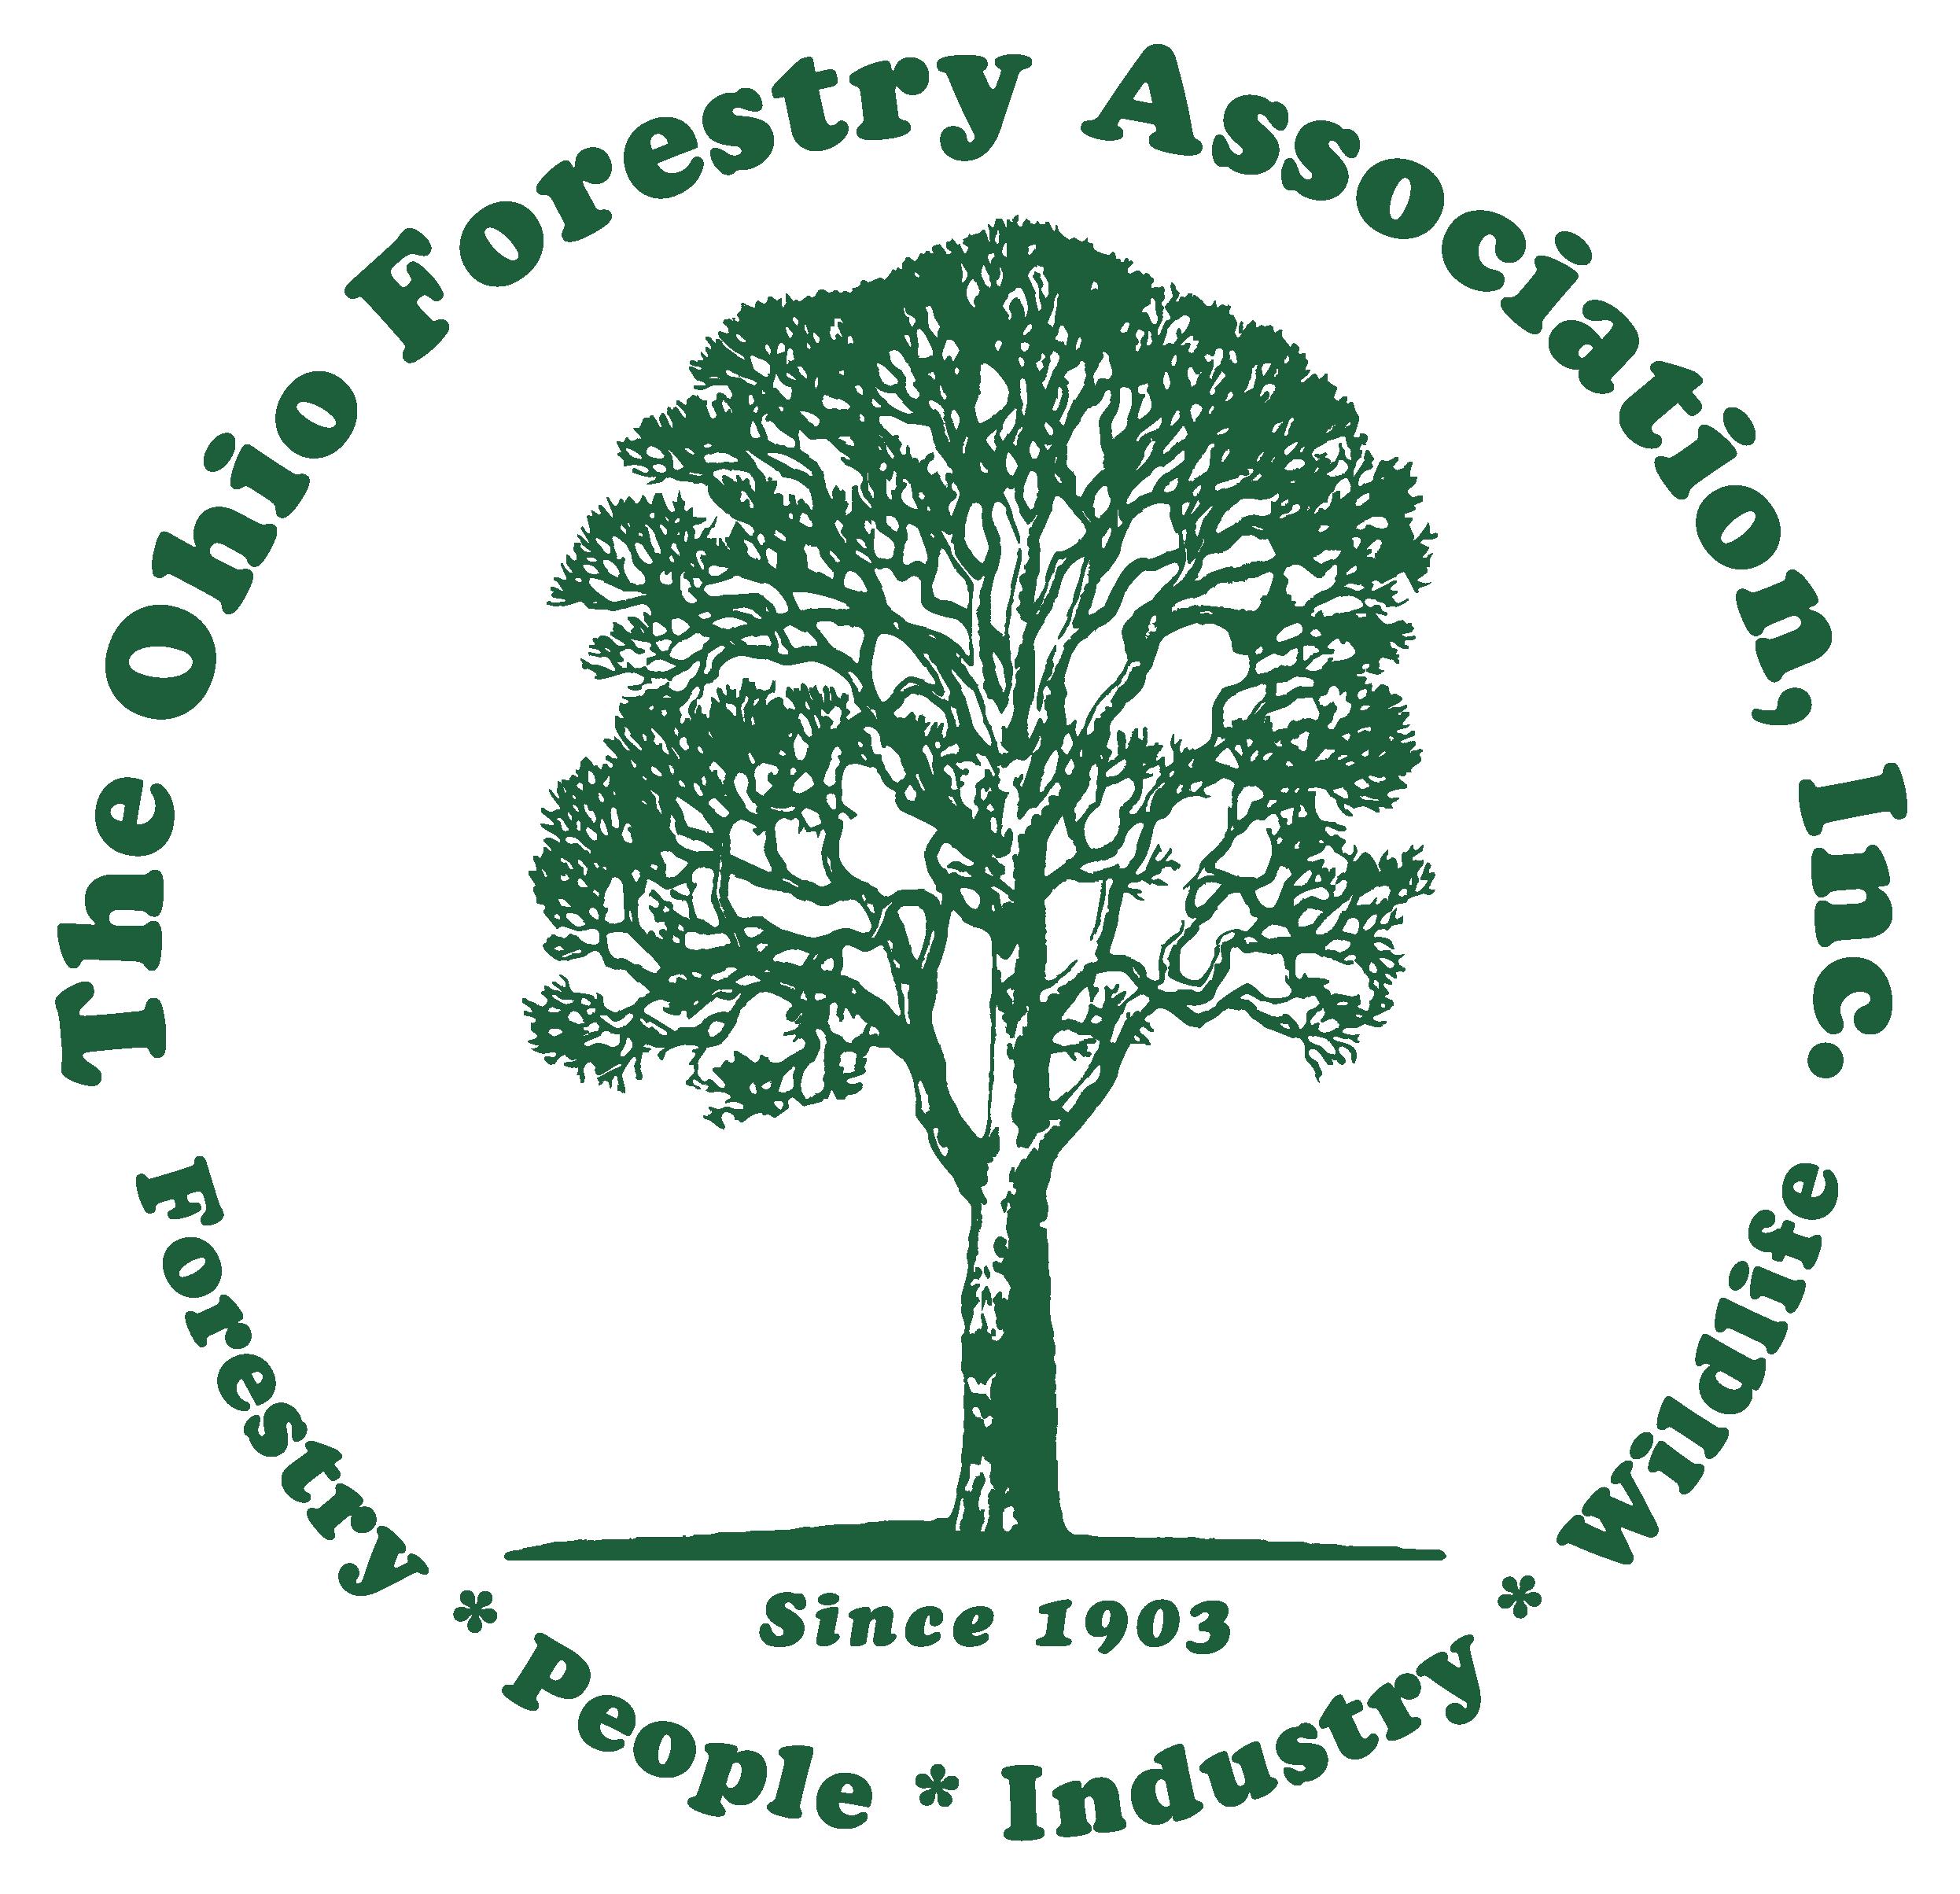 ofa-logo-green-01